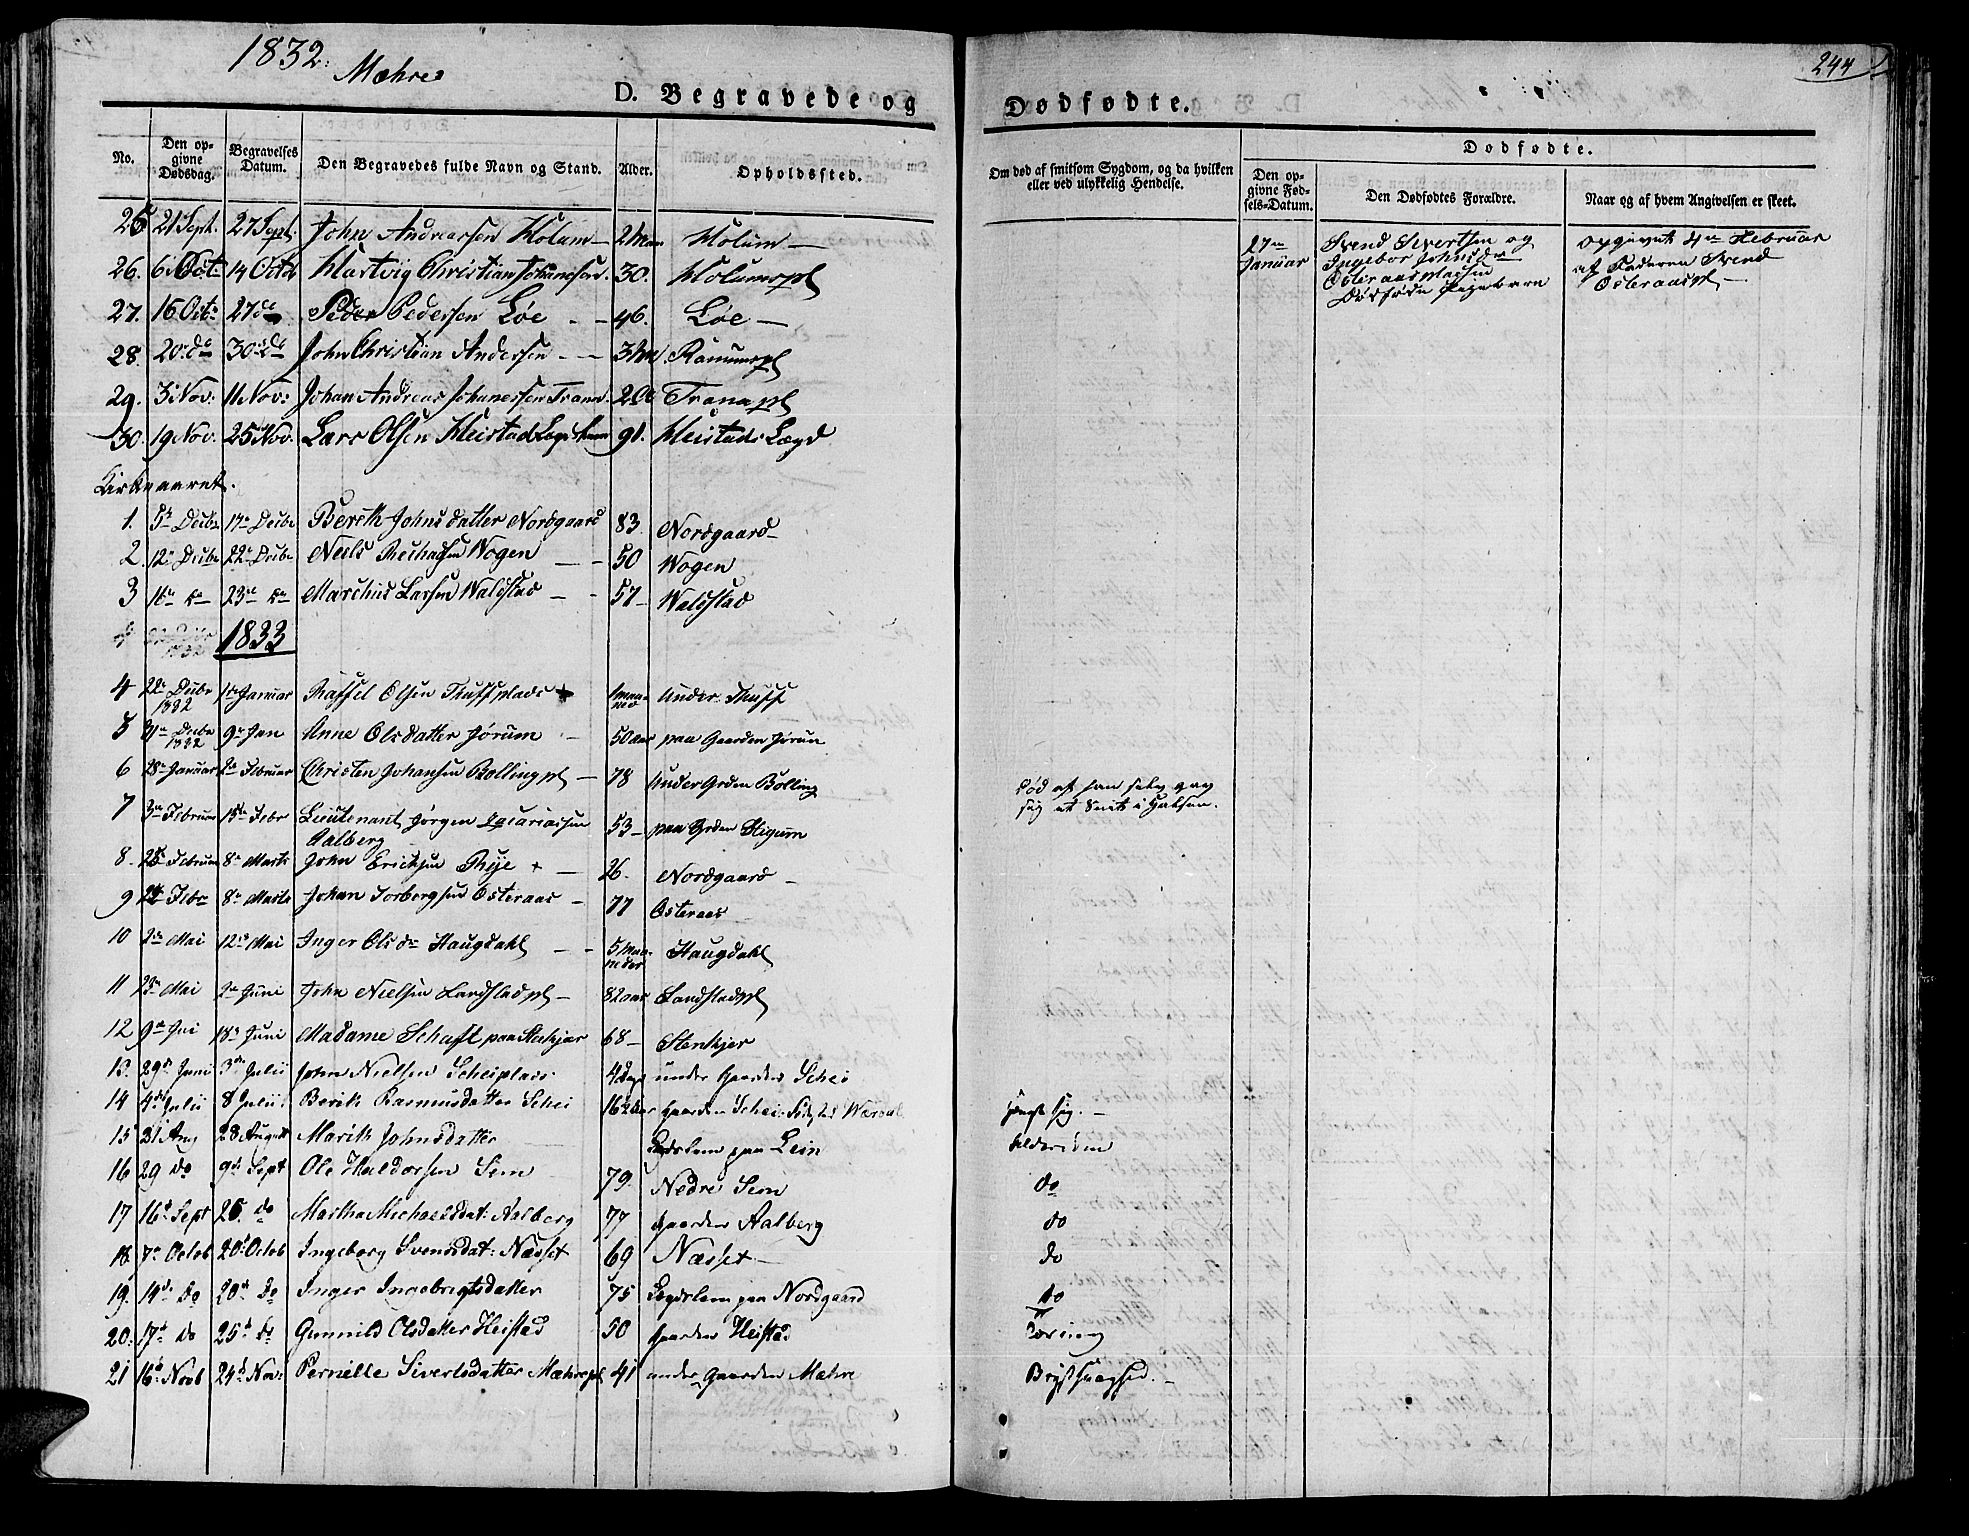 SAT, Ministerialprotokoller, klokkerbøker og fødselsregistre - Nord-Trøndelag, 735/L0336: Ministerialbok nr. 735A05 /1, 1825-1835, s. 244